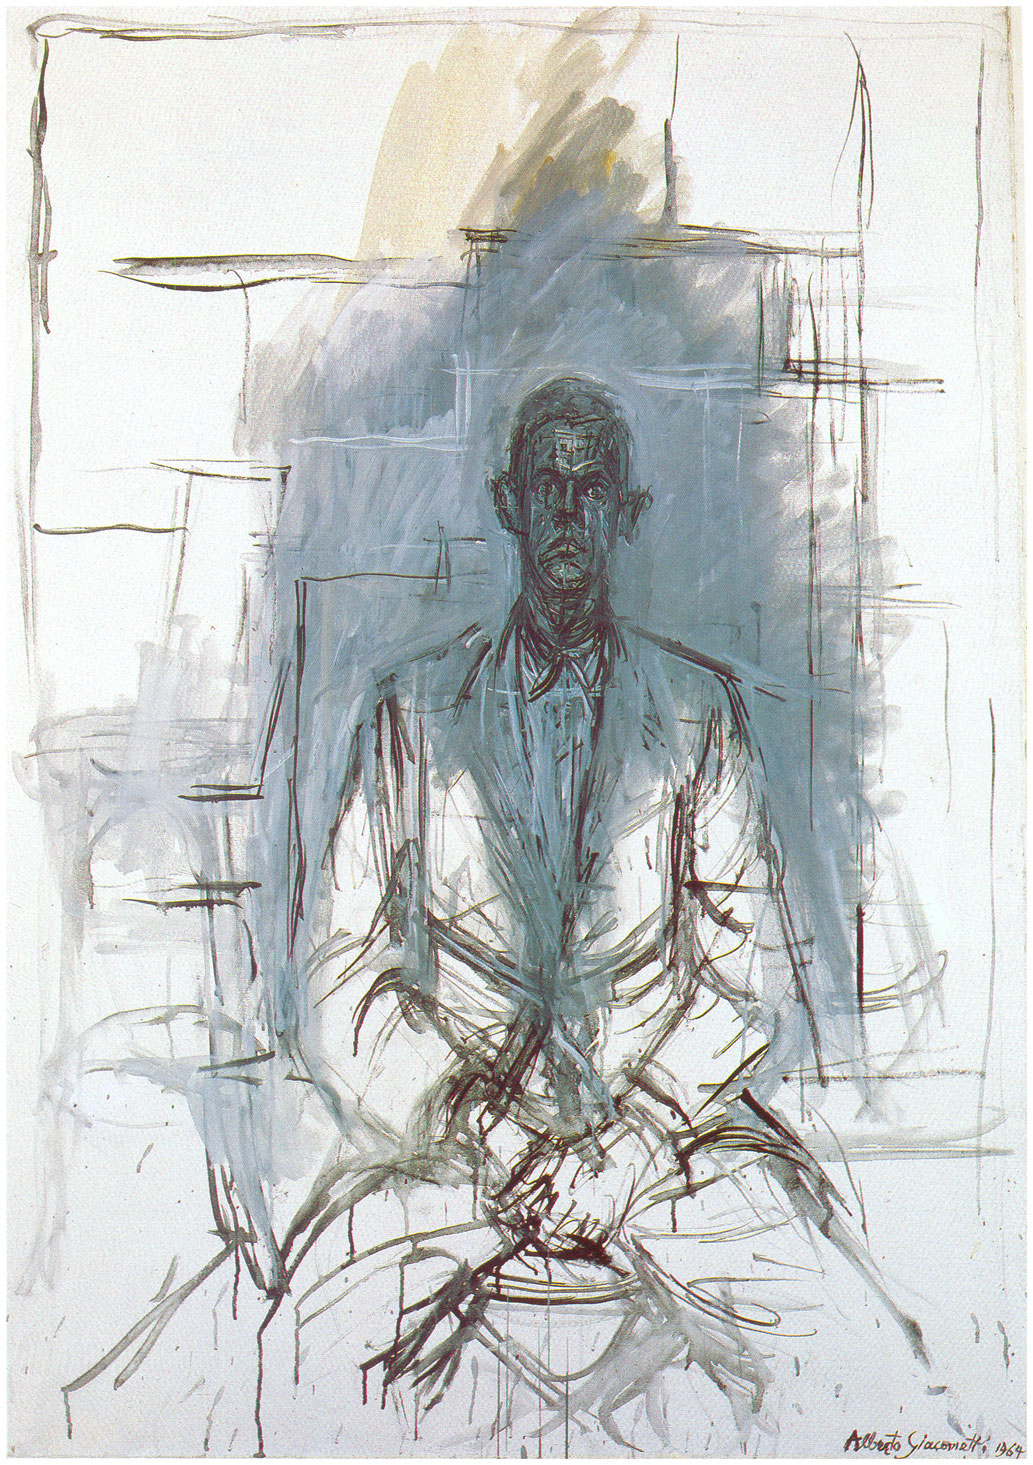 giacometti final portrait